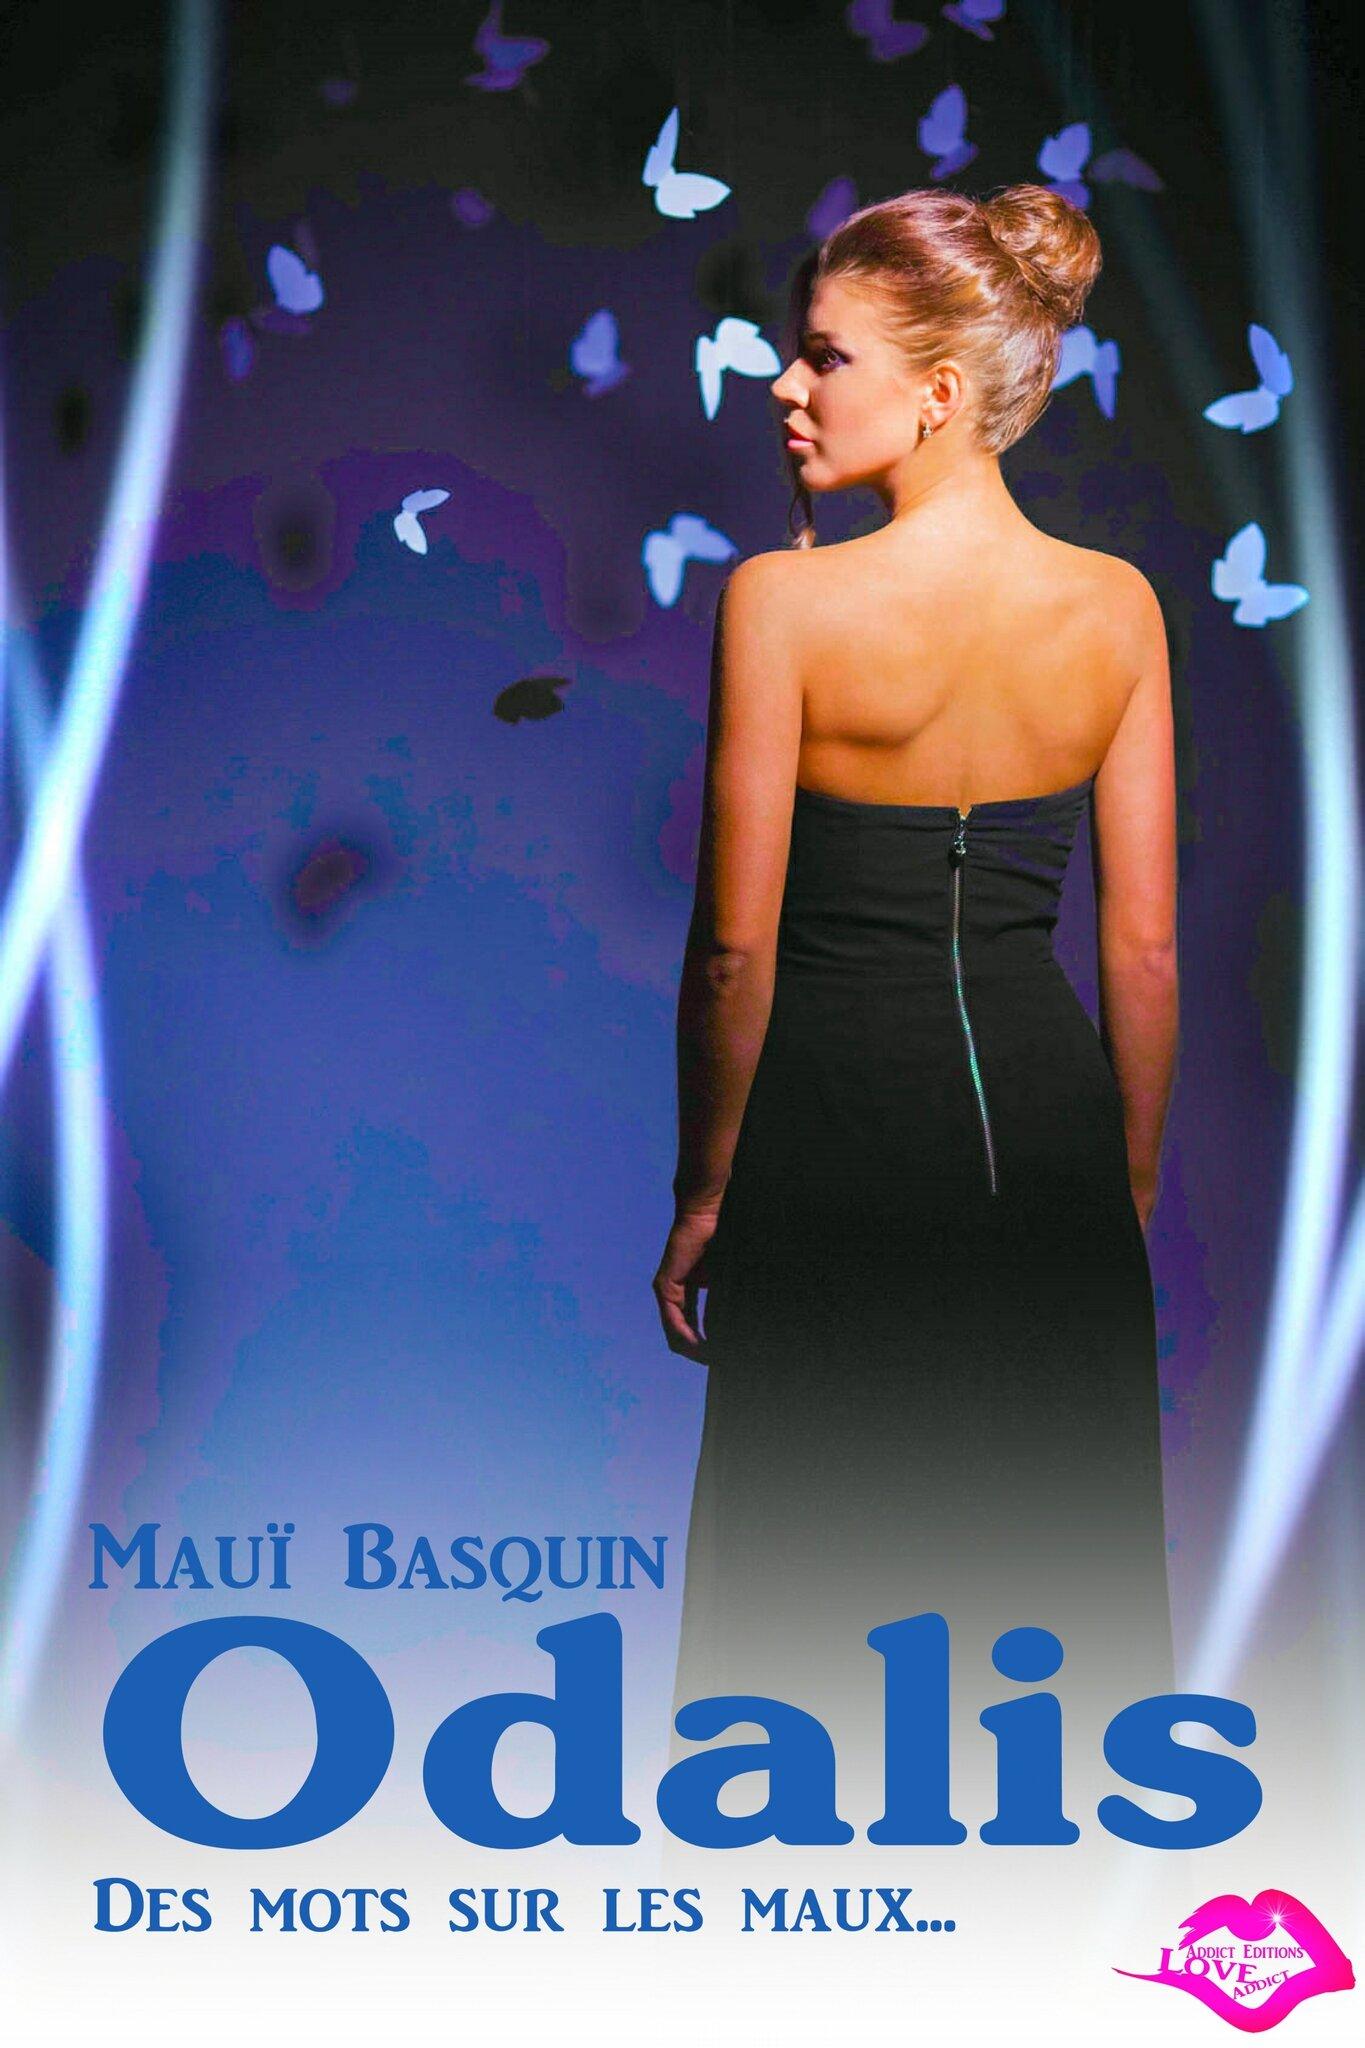 Odalis - Des mots sur les maux... de Mauï Basquin